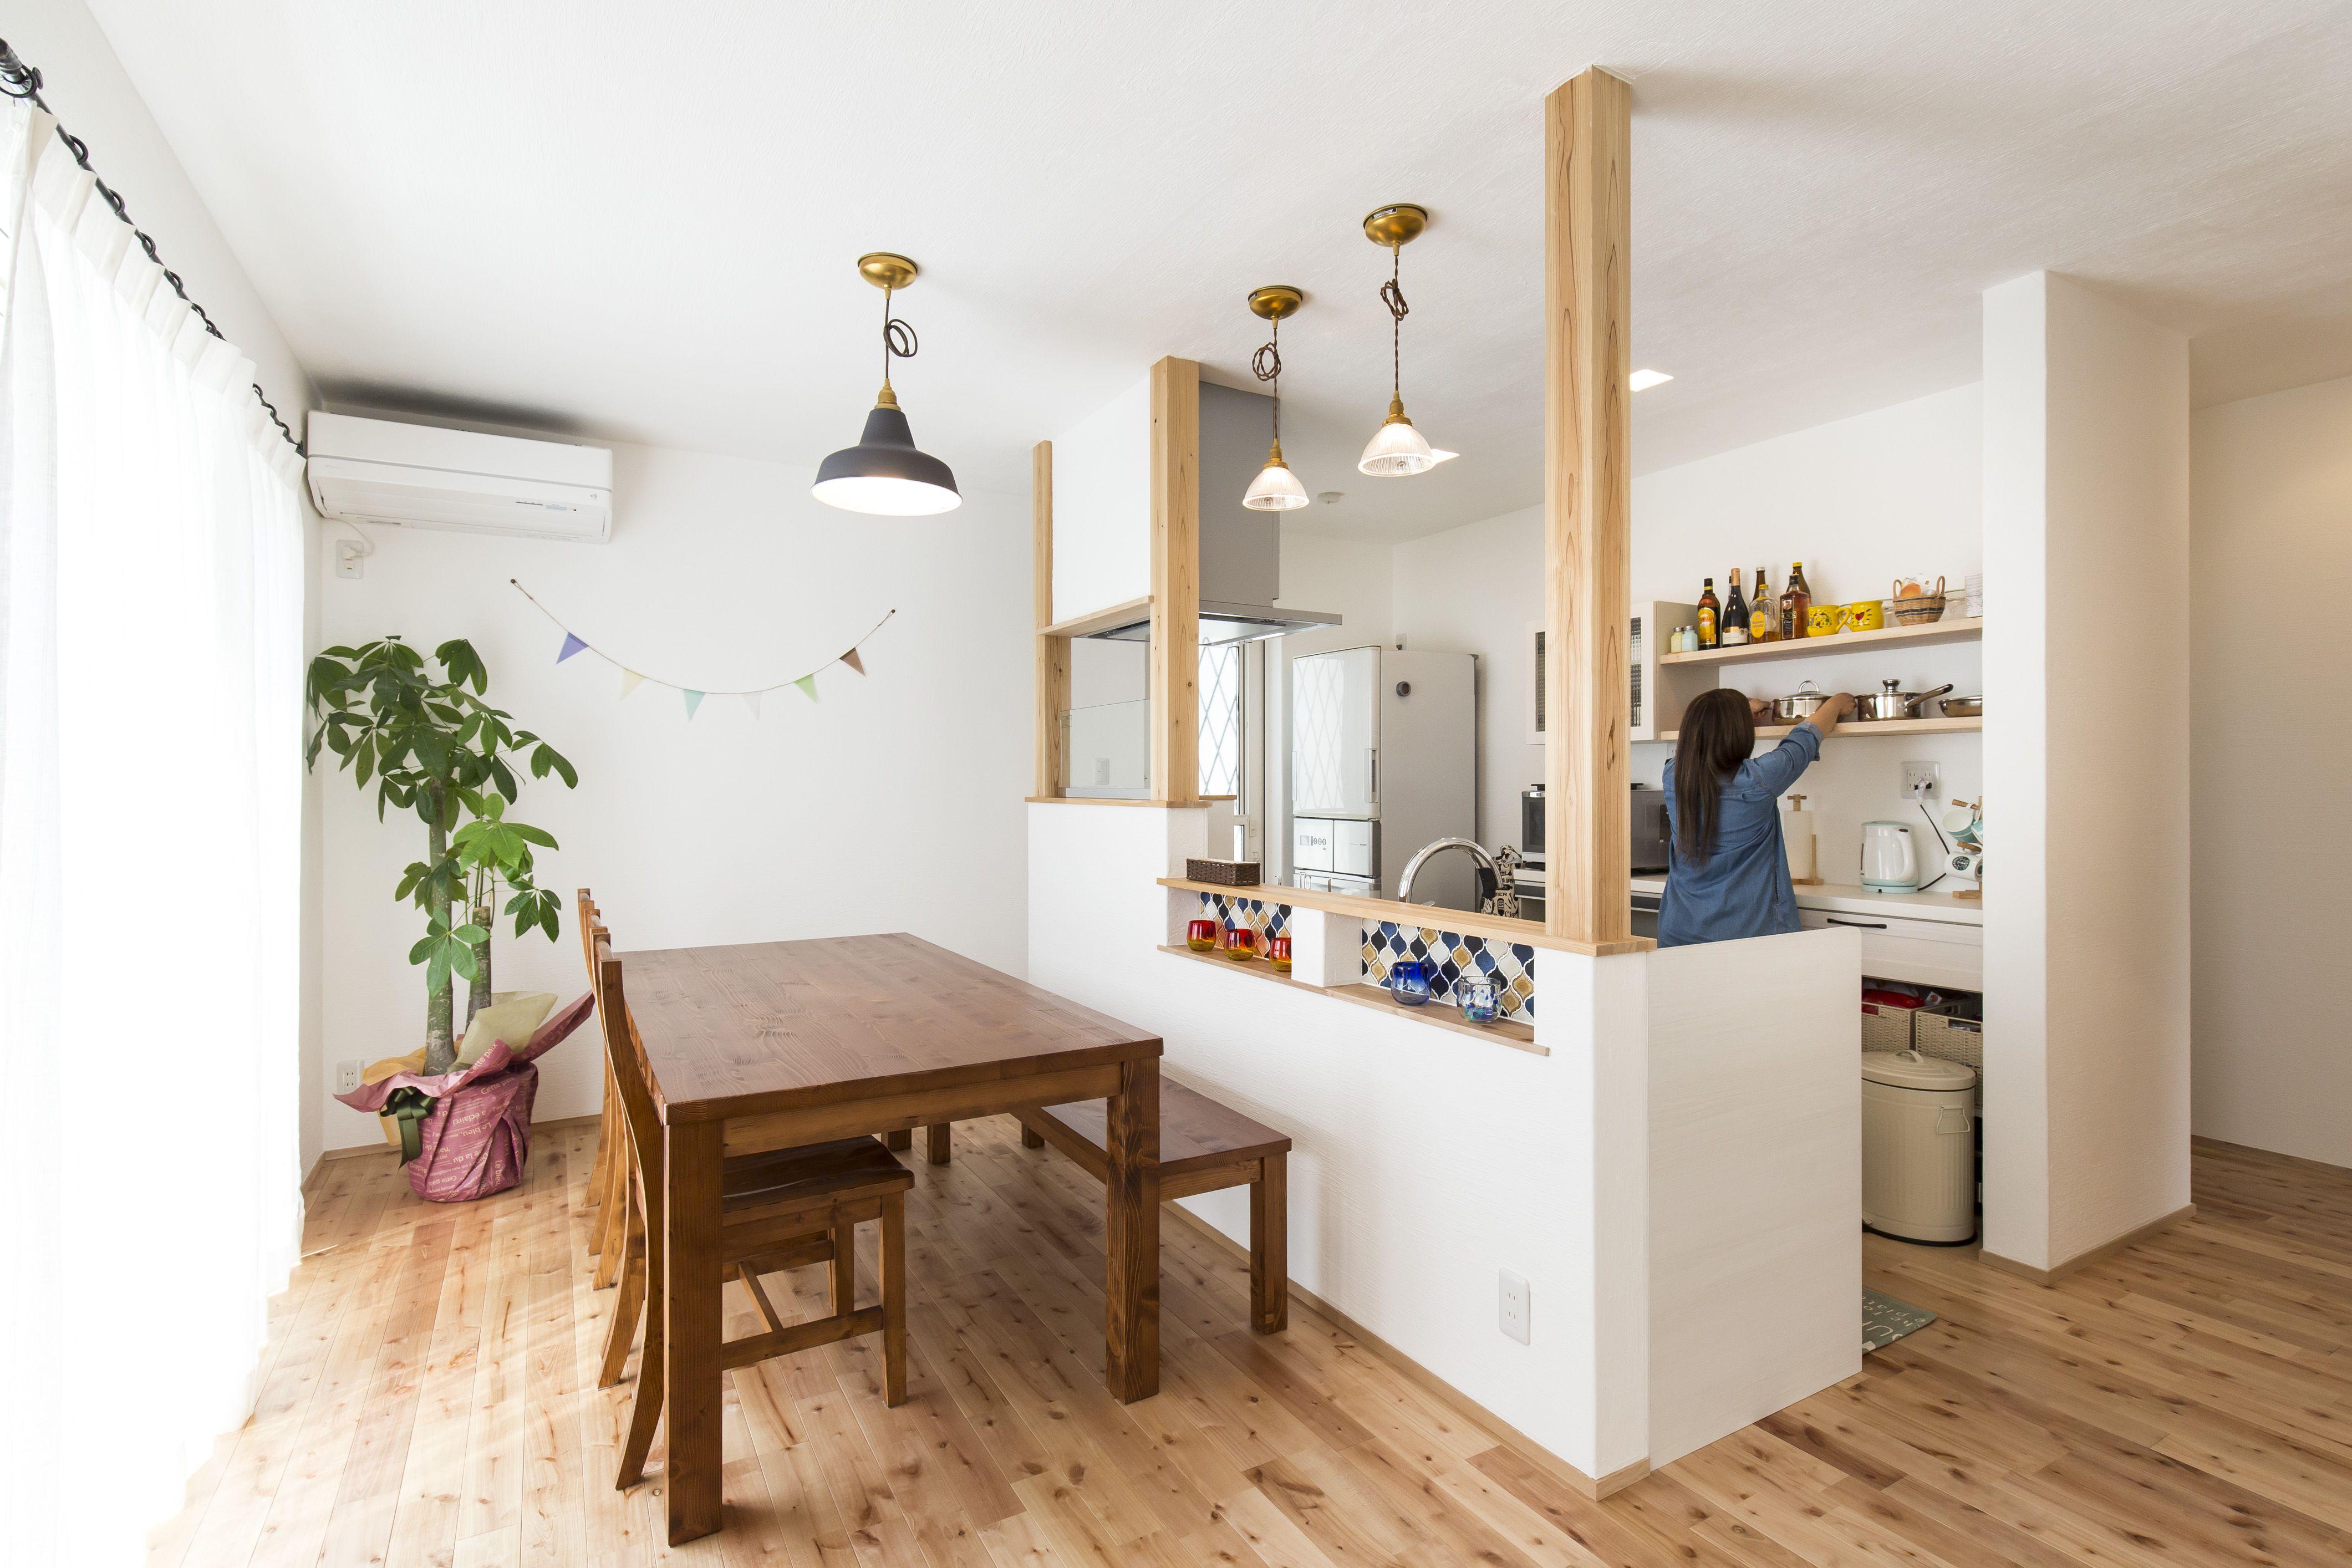 ケース95 模様替え リビング キッチン 無添加住宅